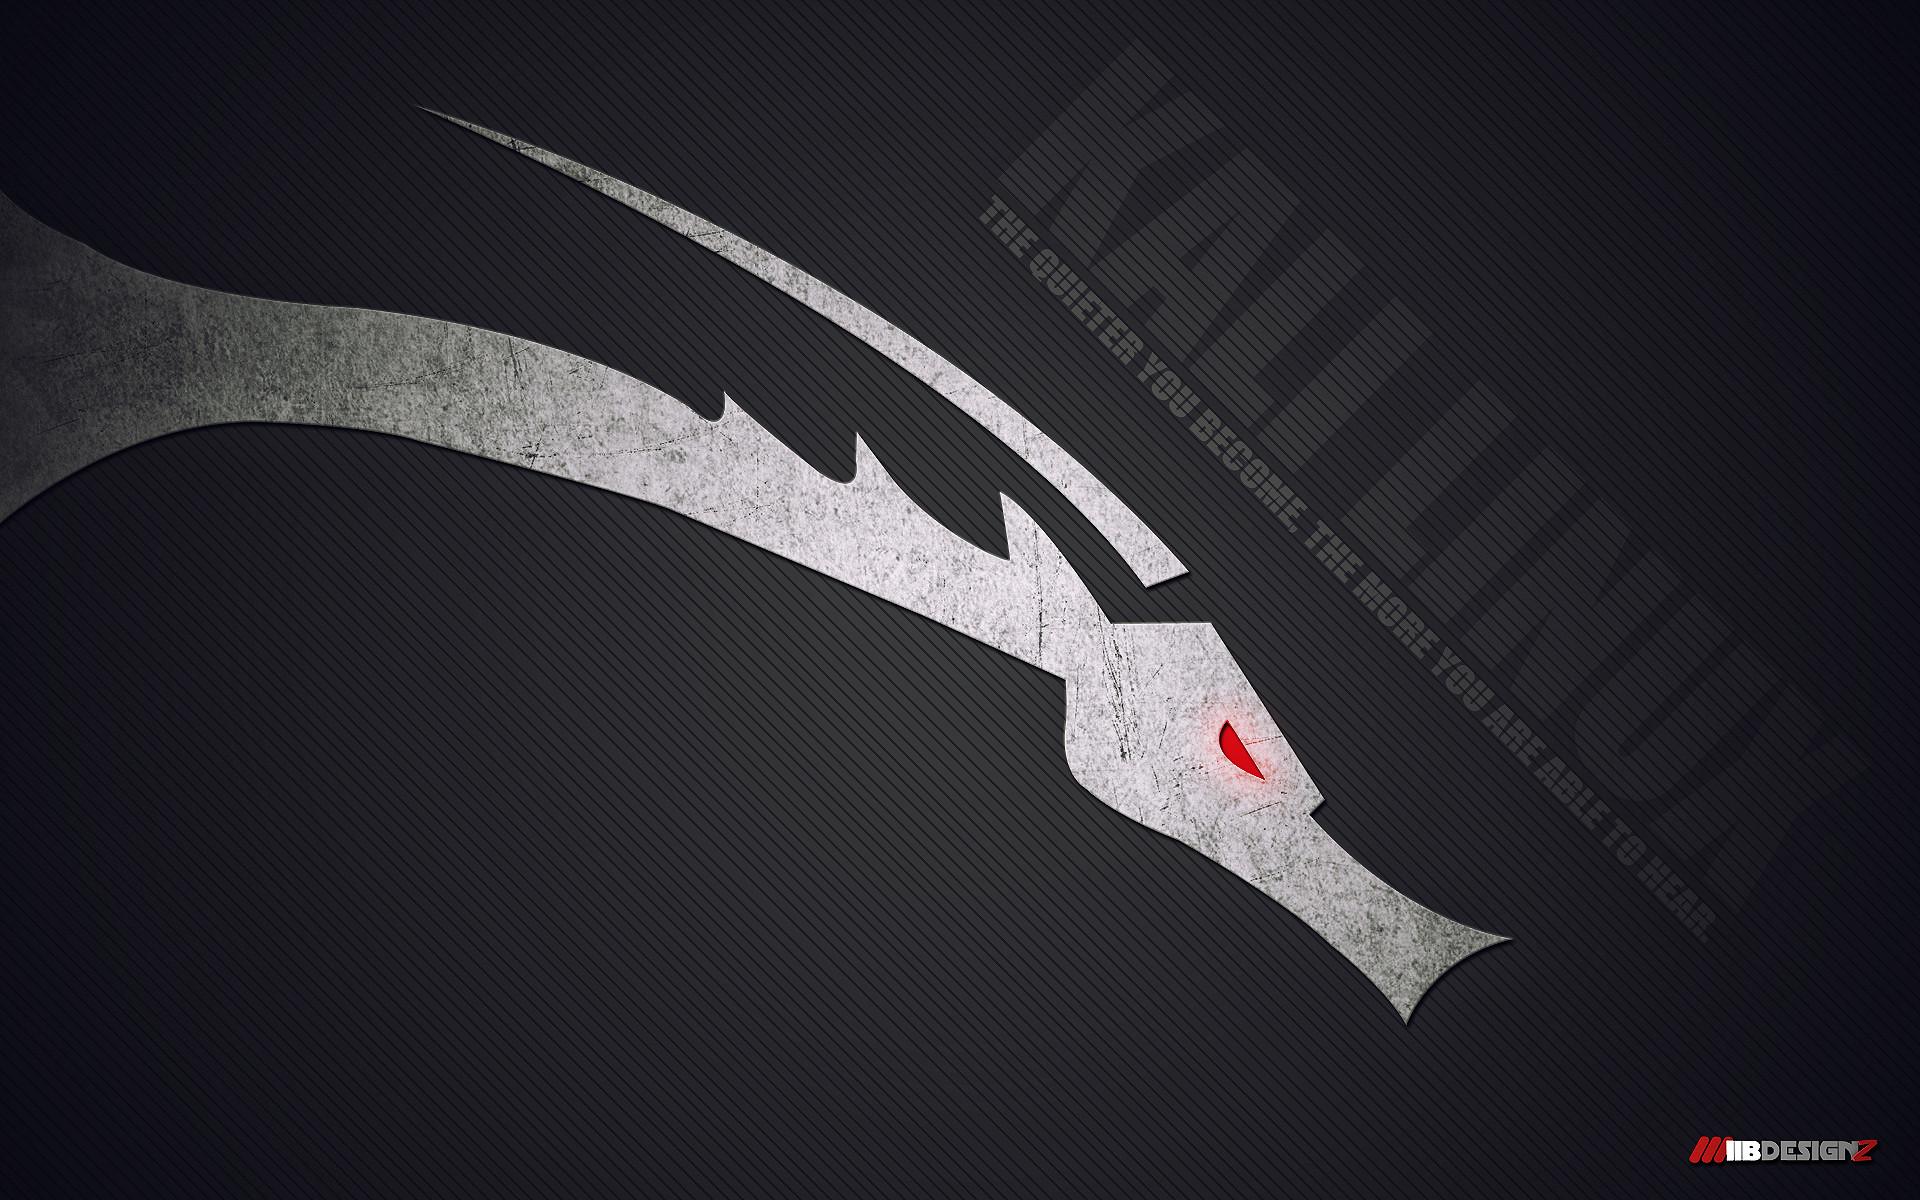 Kali Linux Wallpaper HD